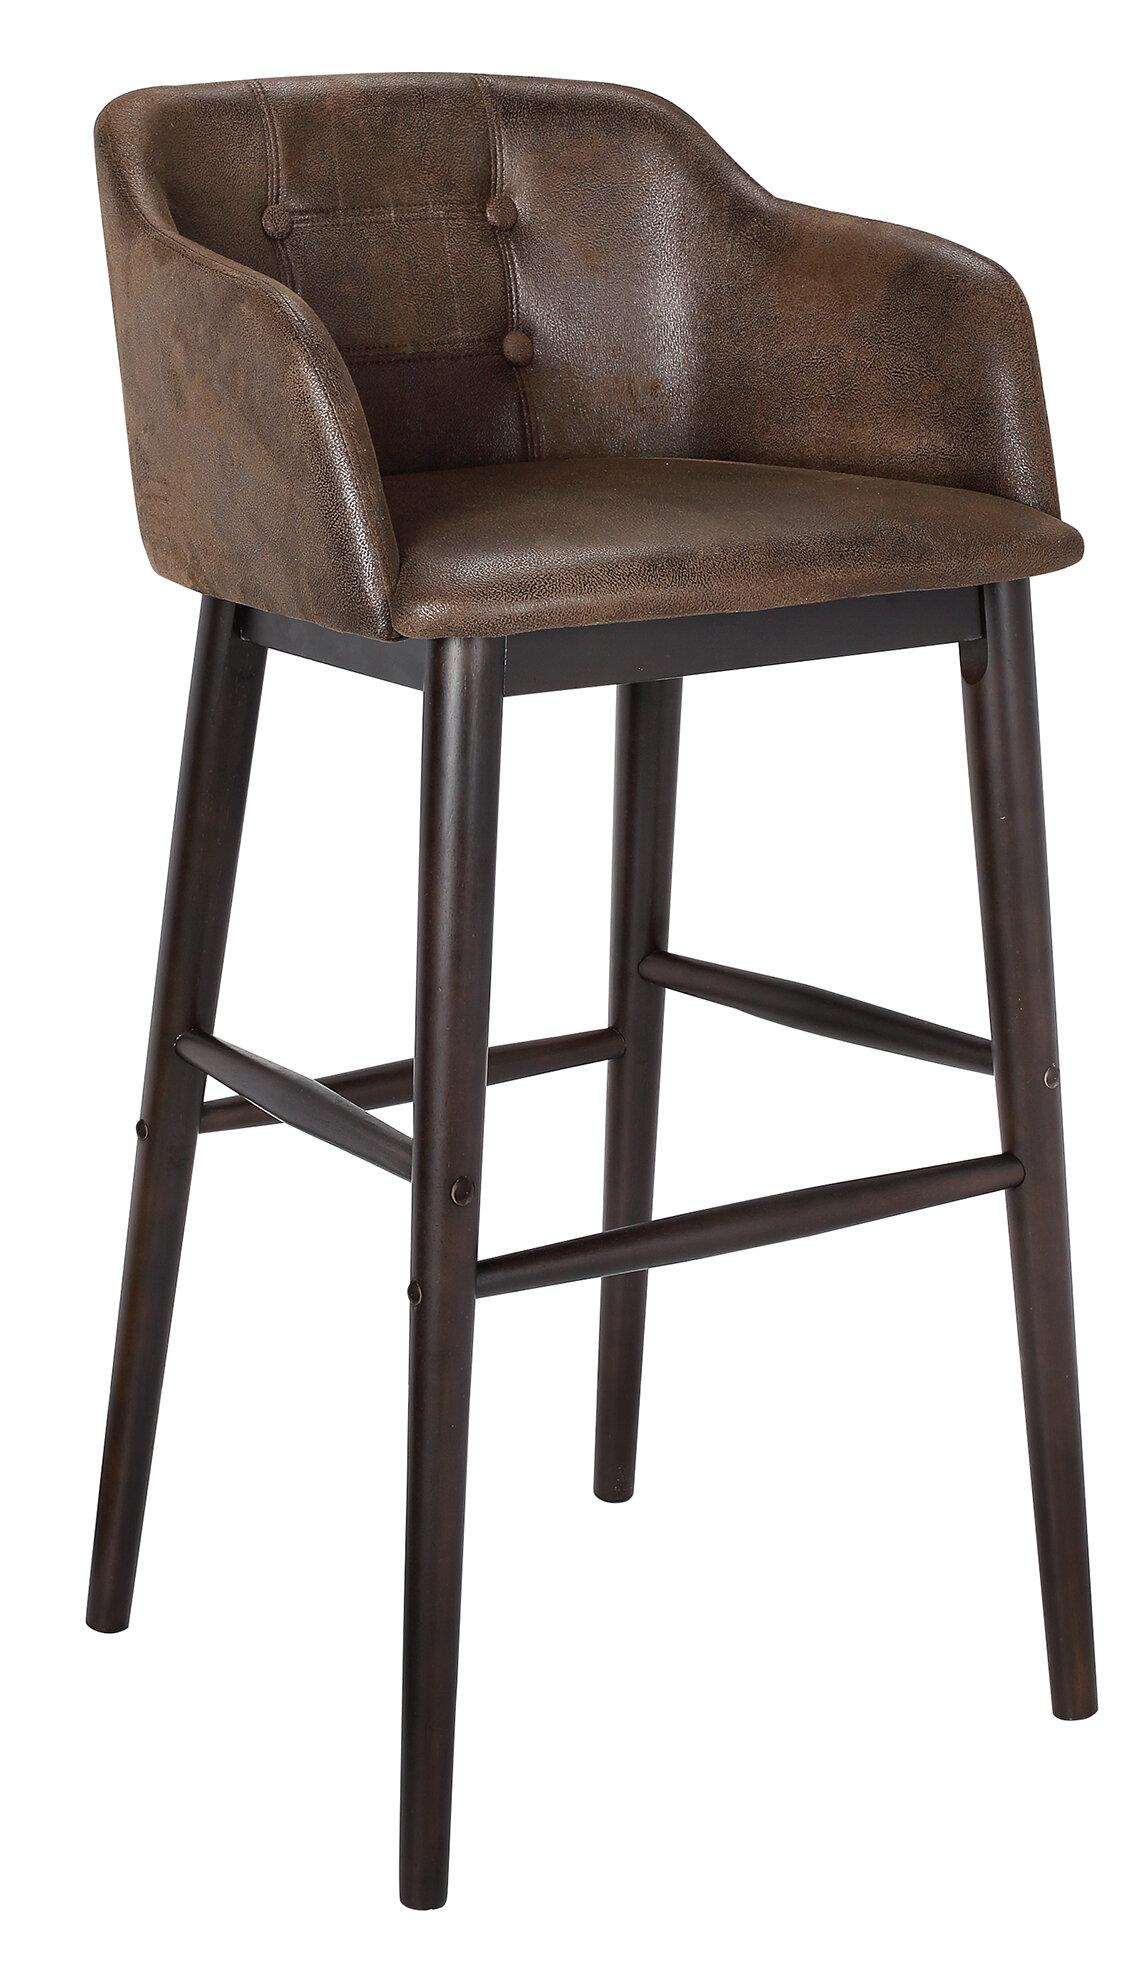 Bromi Design Bar Stool